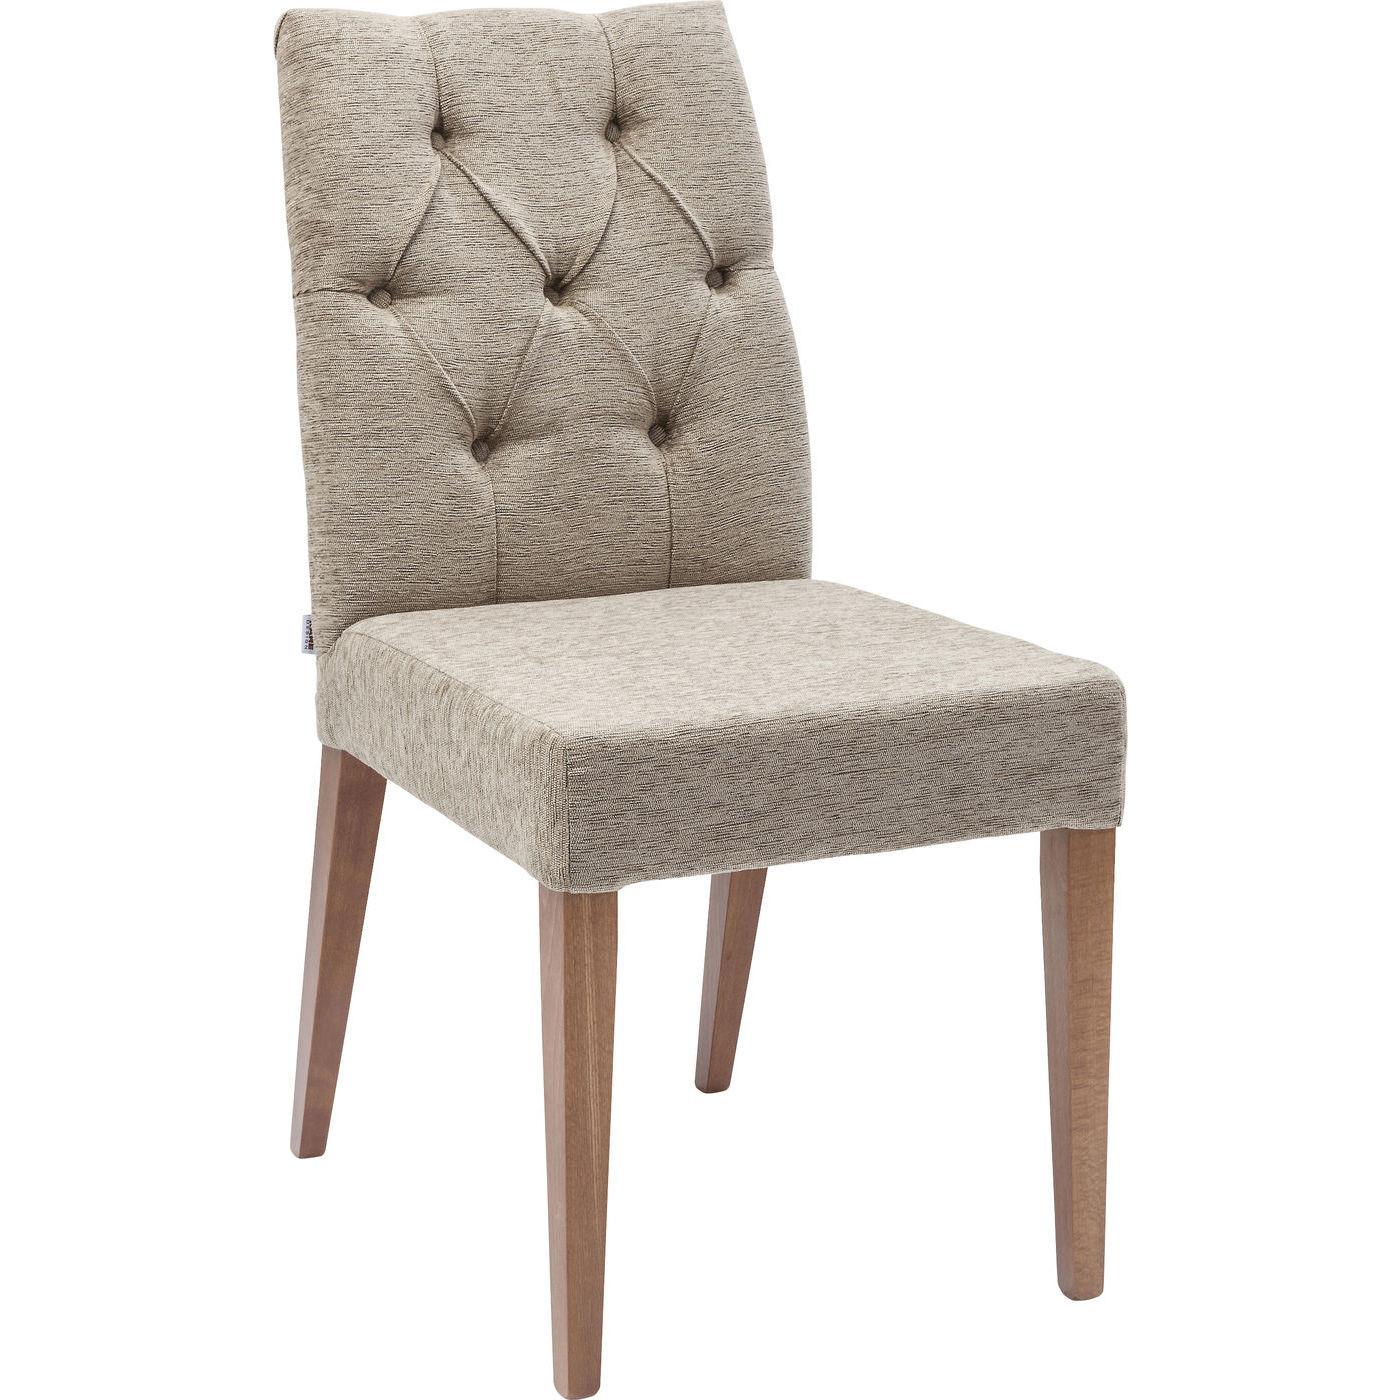 polsterstuhl casual buttons beige kare design mutoni m bel. Black Bedroom Furniture Sets. Home Design Ideas